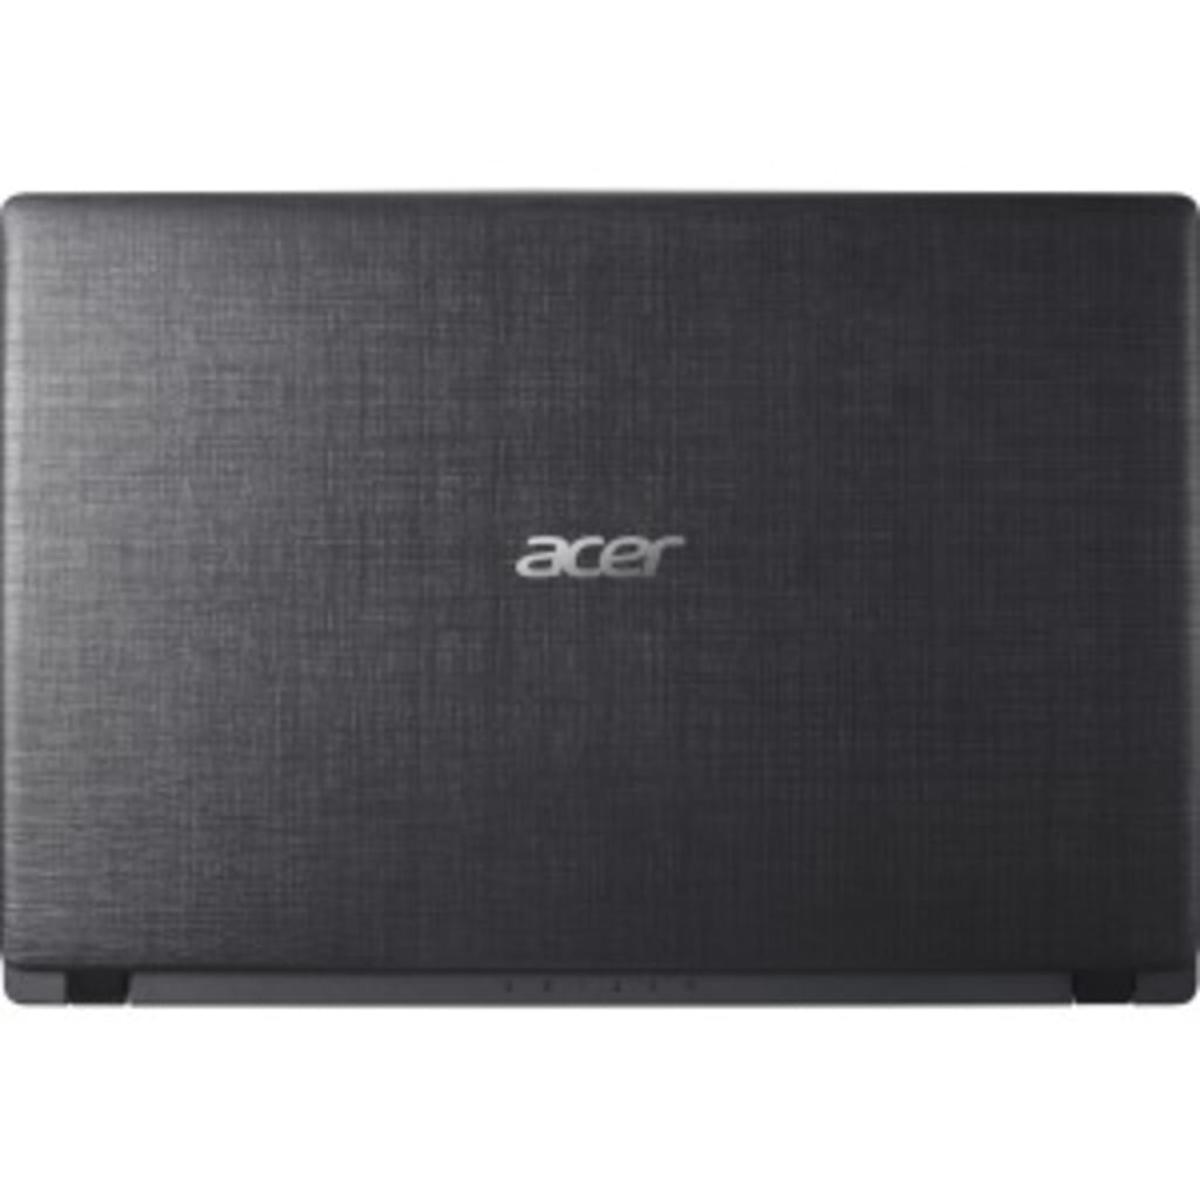 Bild 5 von Acer Notebook 39,60cm (15,6 Zoll), Intel Pentium N4200 Quad Core Prozessor (4 x bis zu 2,5 GHz), 4 GB RAM, 1000 GB Festplatte, Schwarz matt